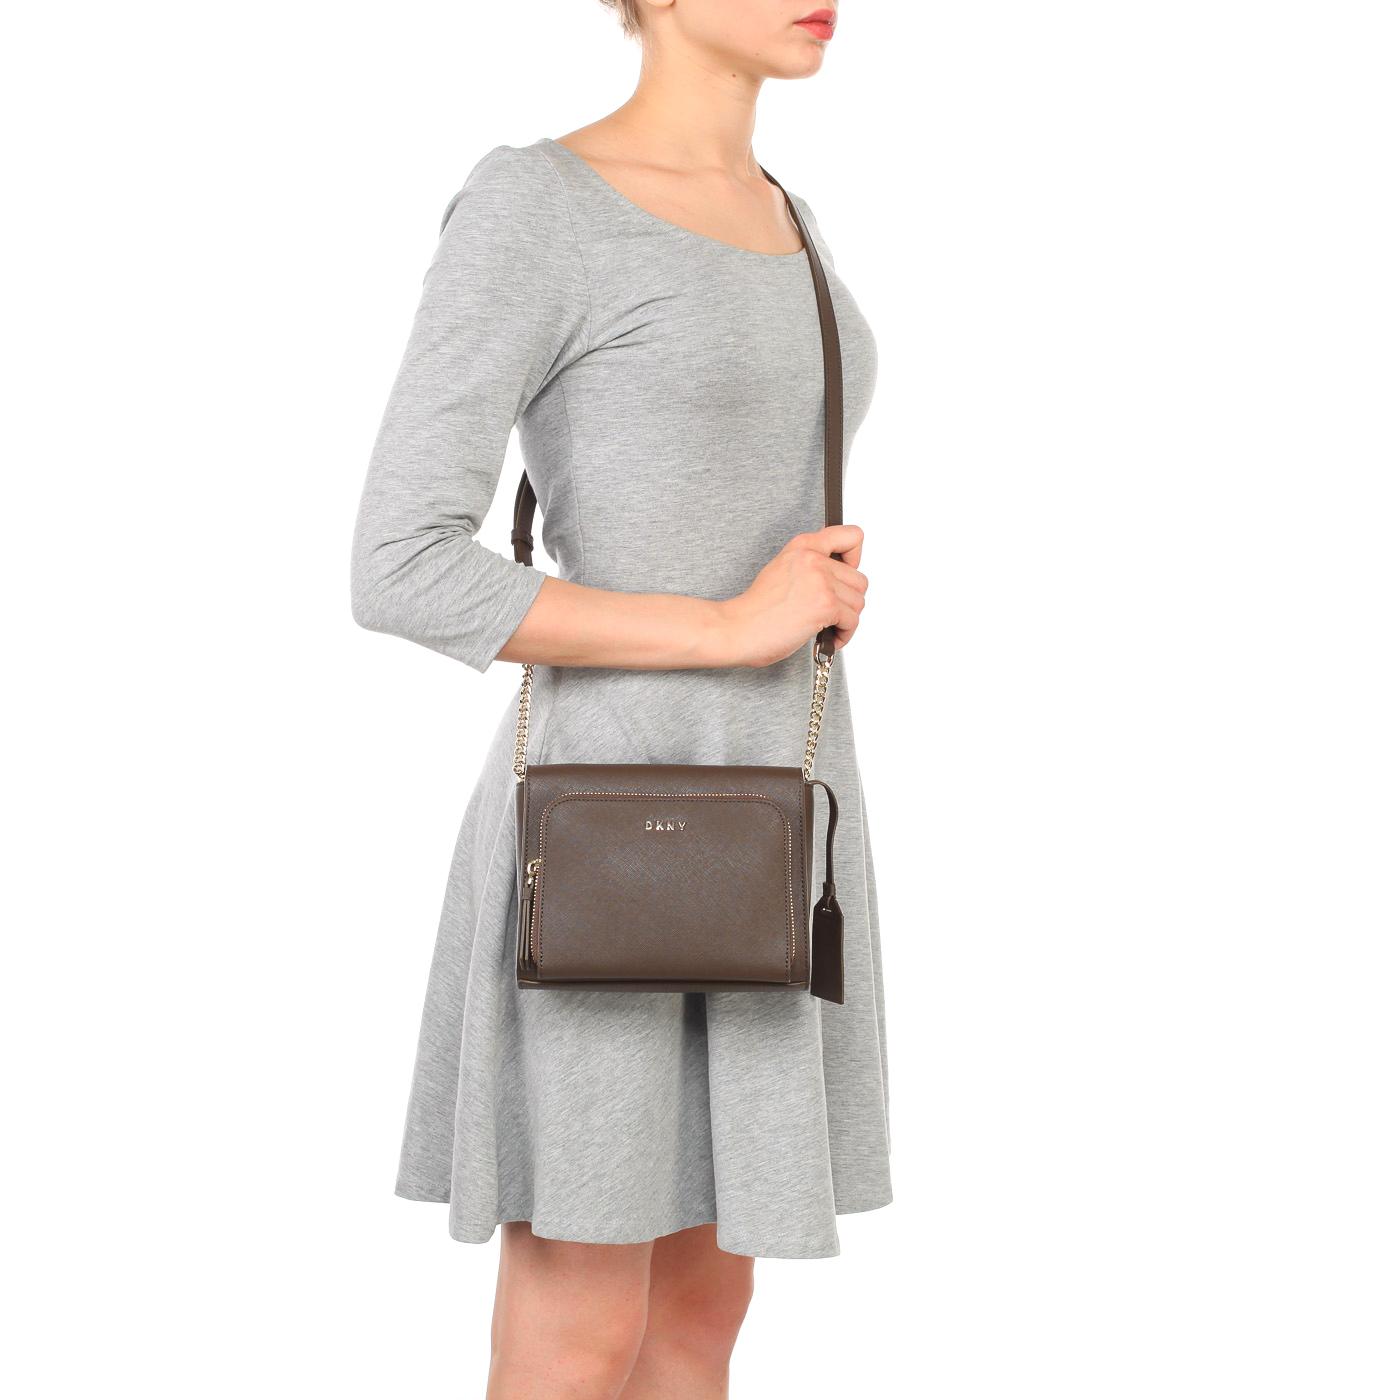 1c5a77047e0e ... Маленькая коричневая сумка из сафьяновой кожи через плечо DKNY Saffiano  ...